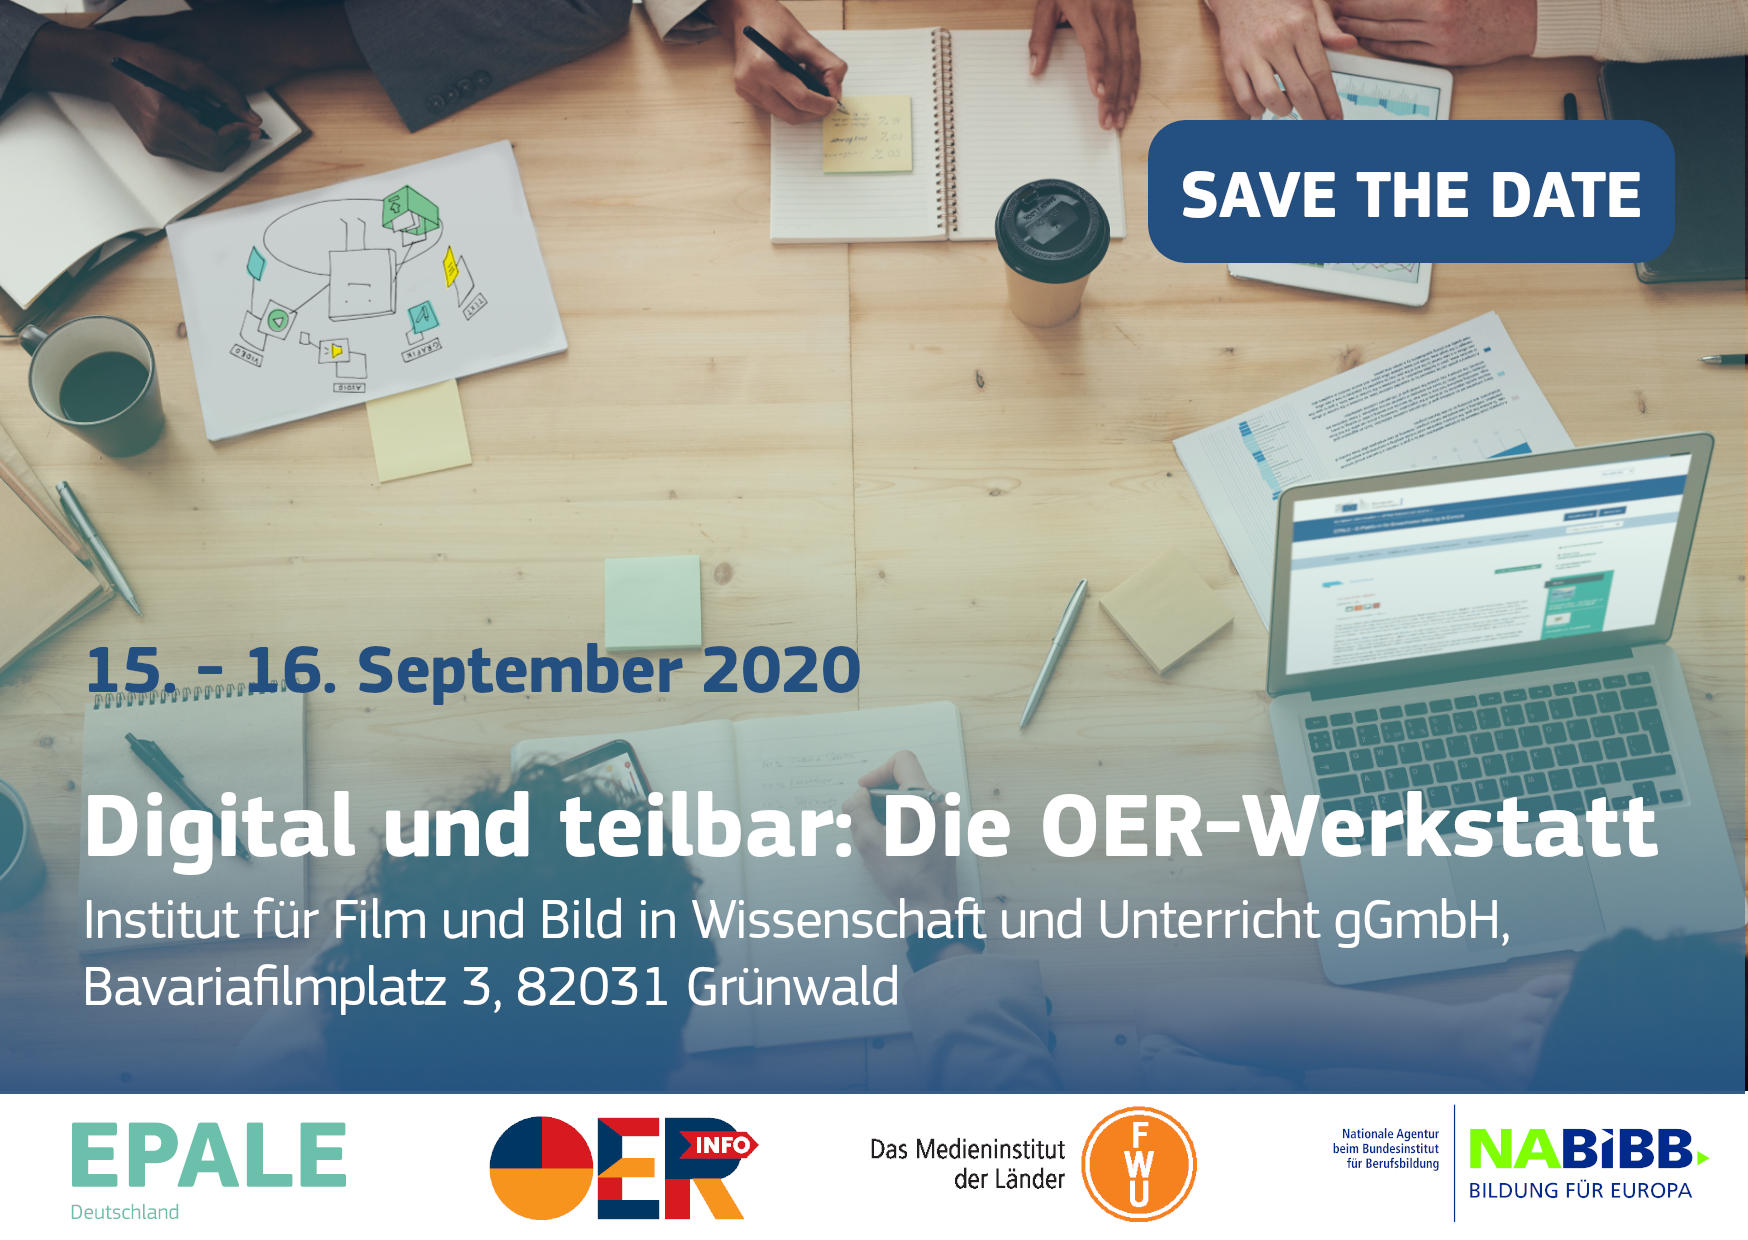 Digital und teilbar: Die OER-Werkstatt am 15.-16. September 2020 am FWU in München